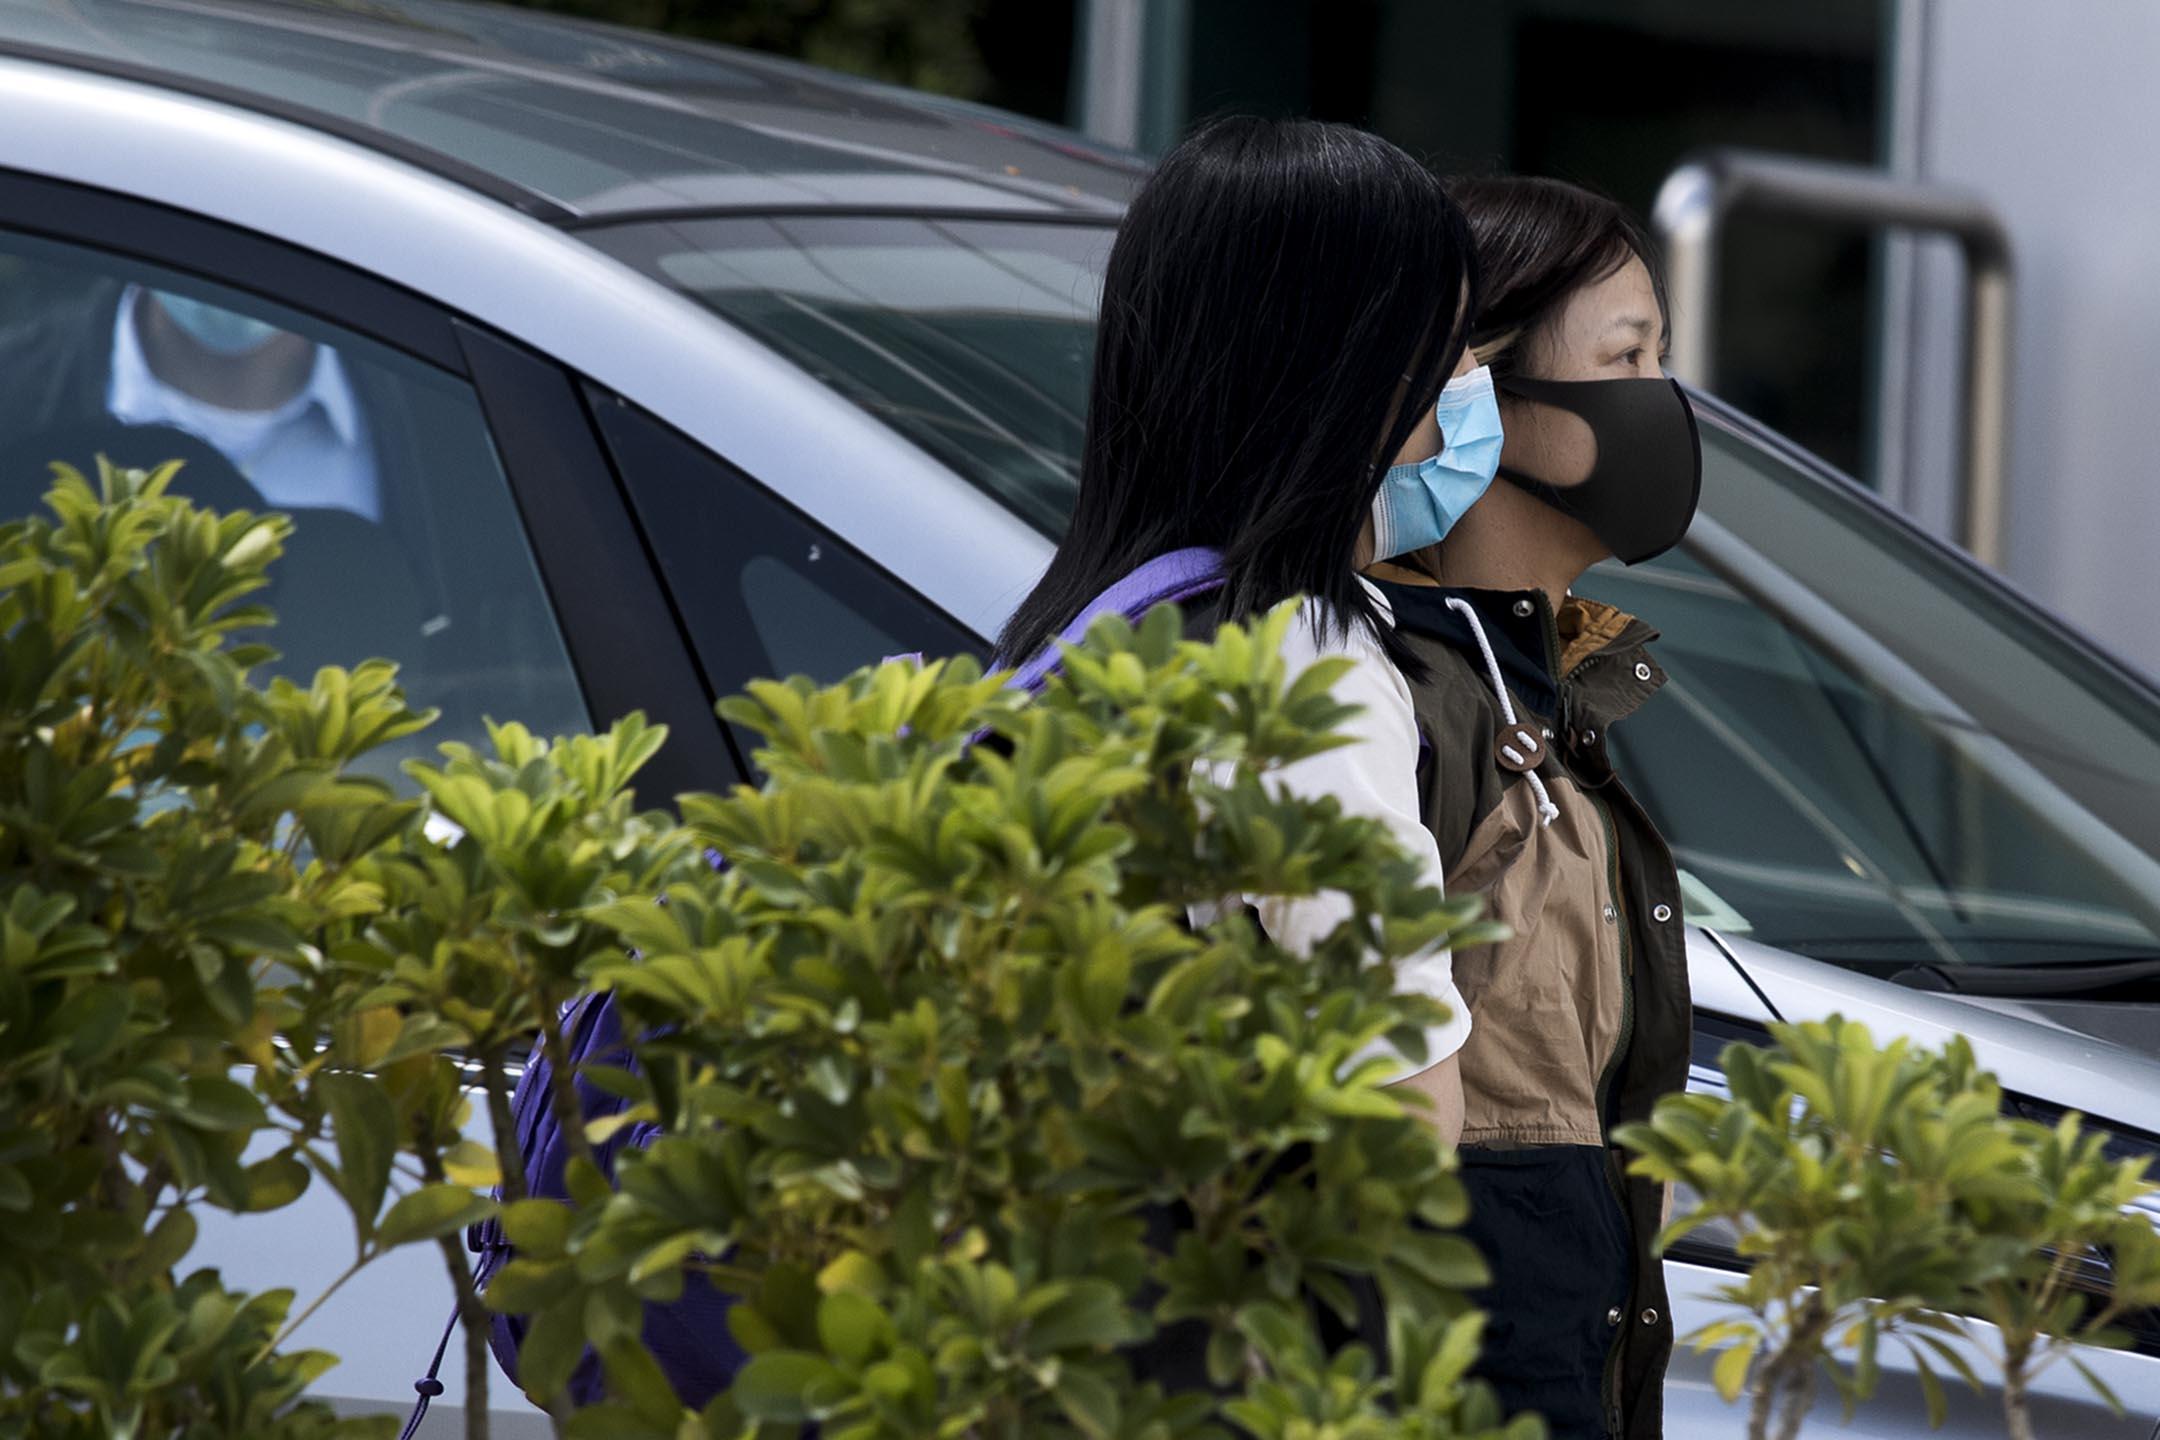 2021年6月17日將軍澳,《蘋果日報》副社長陳沛敏被捕後被帶往蘋果大樓。